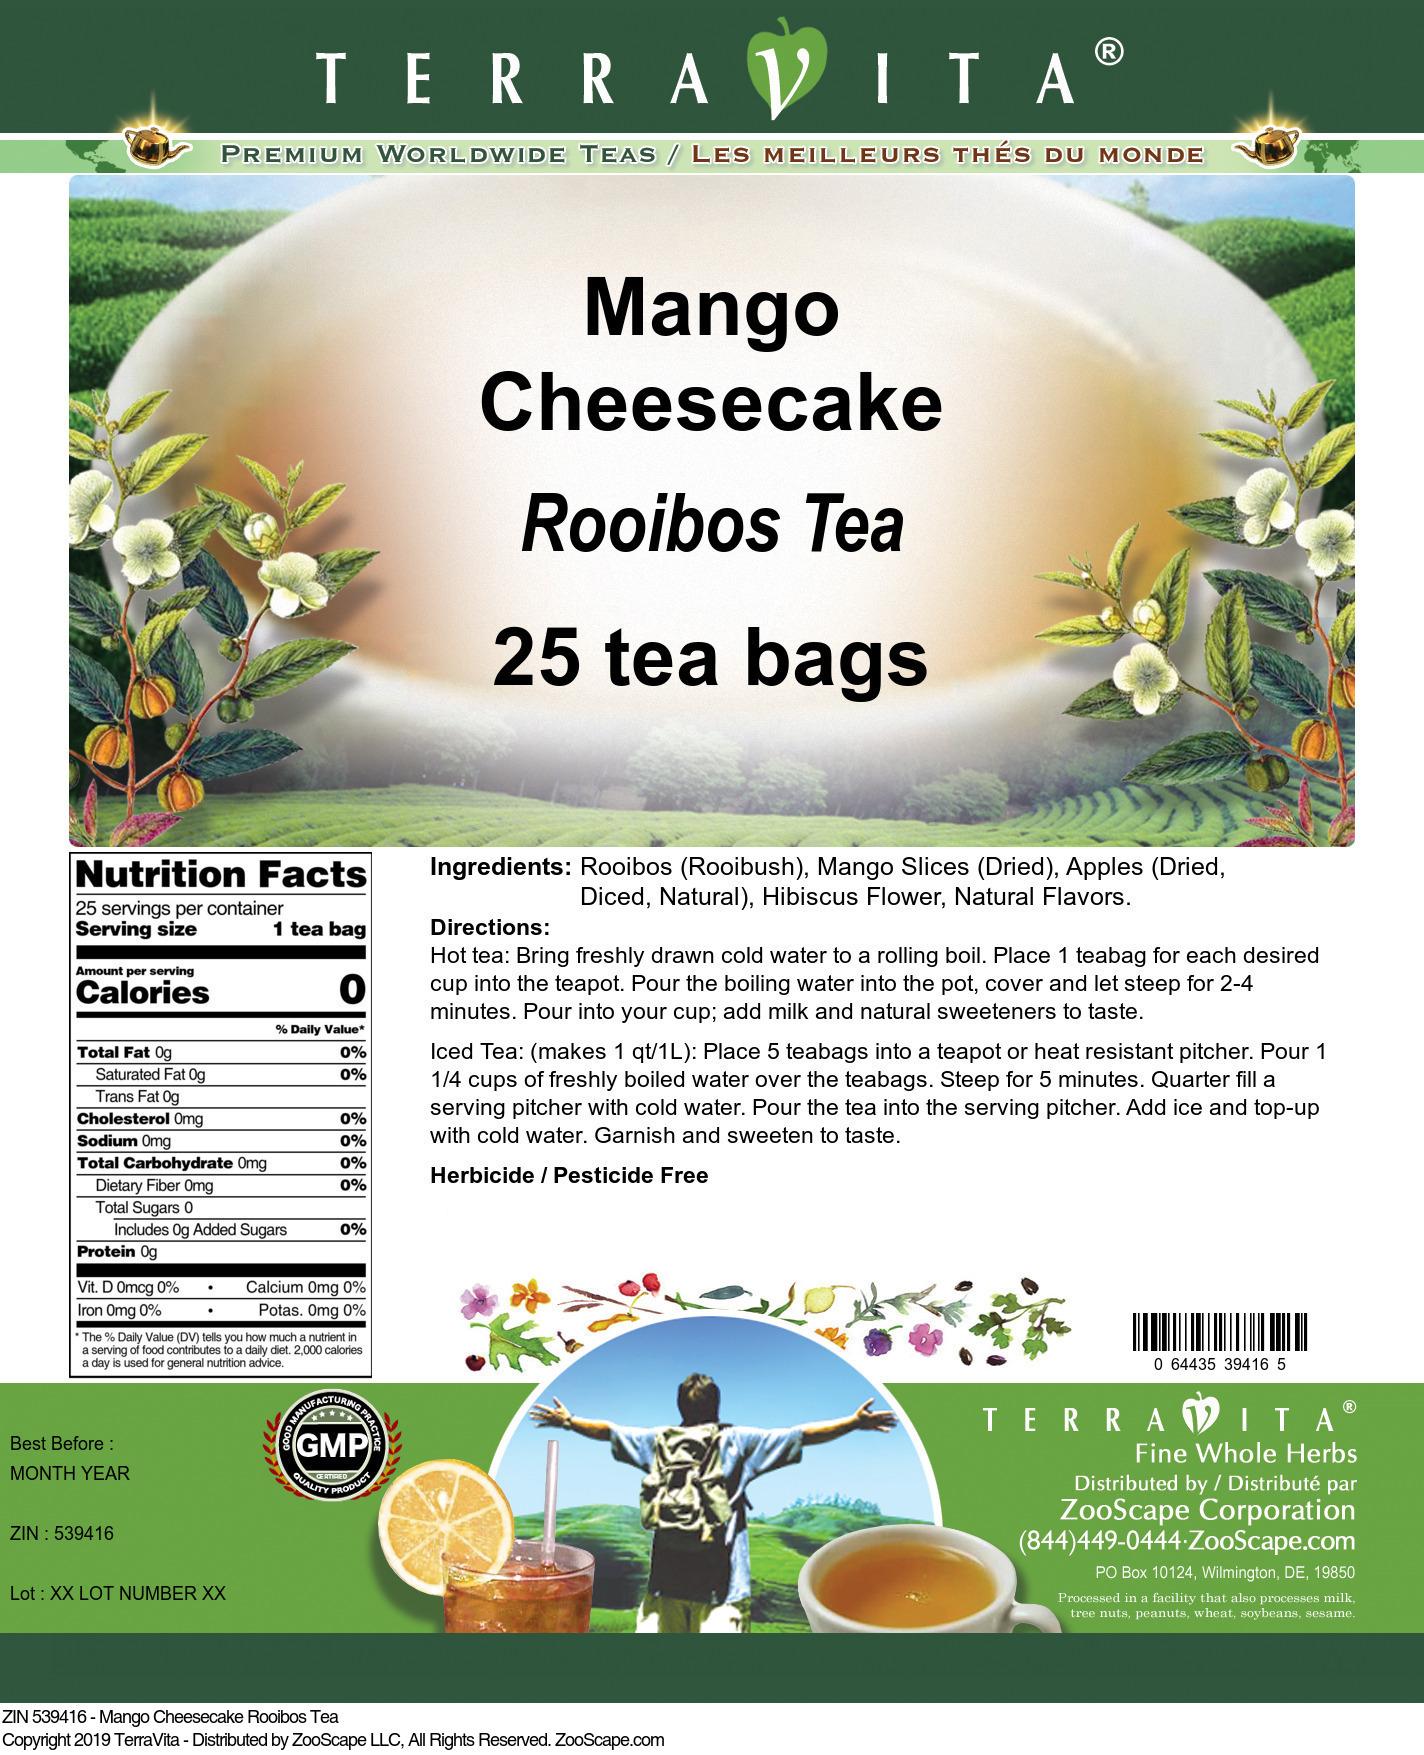 Mango Cheesecake Rooibos Tea